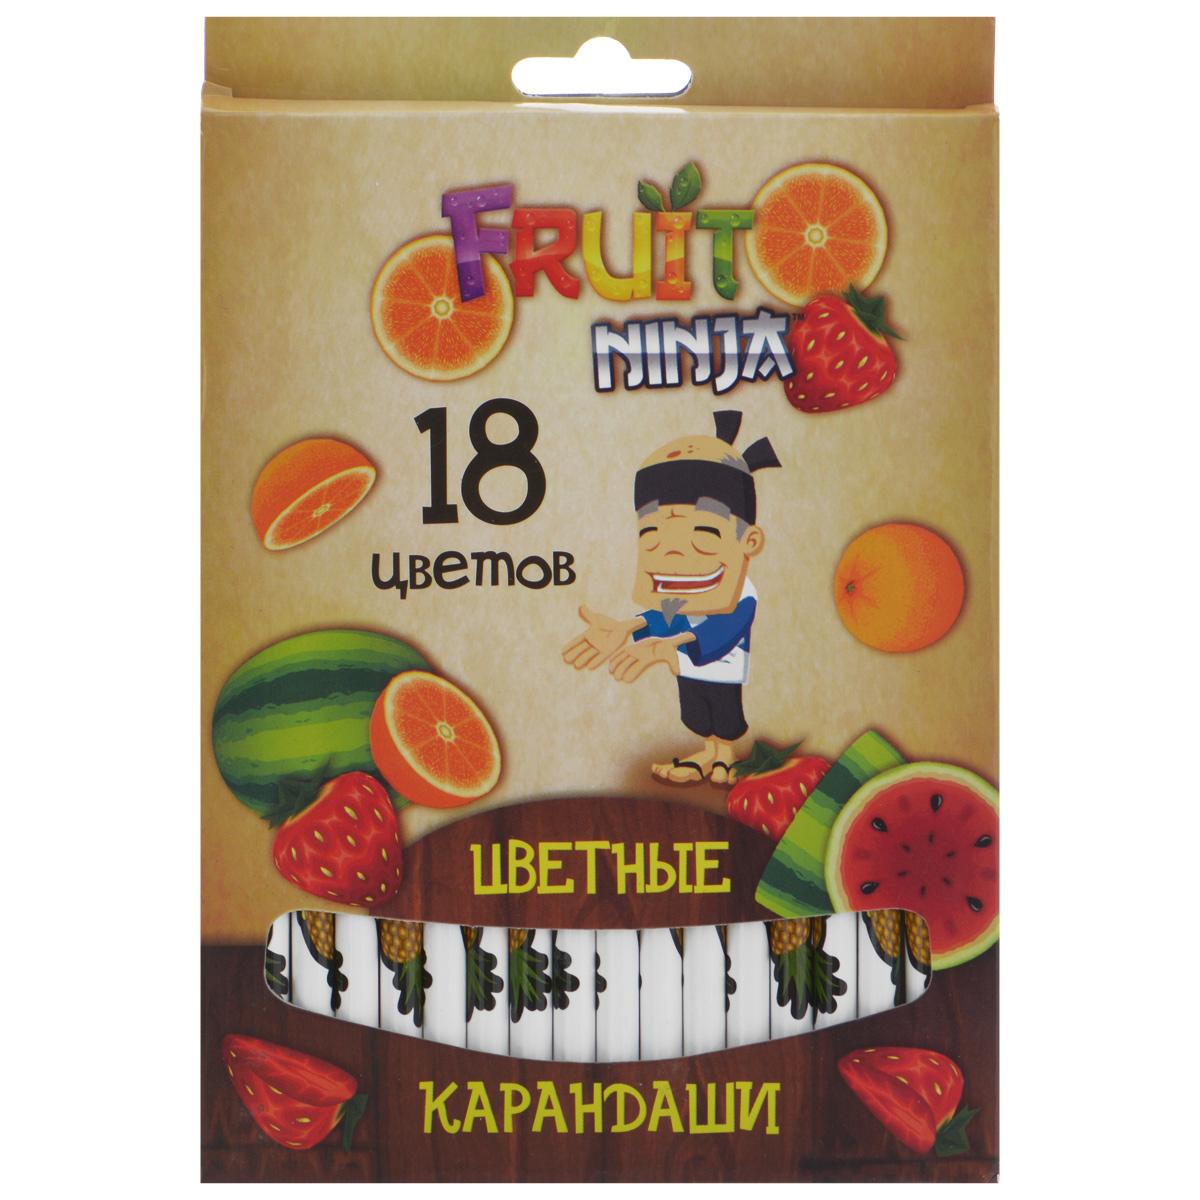 """Цветные карандаши Action! """"Fruit Ninja"""" - идеальный инструмент для самовыражения и развития маленького художника! Корпус карандашей выполнен из высококачественной древесины и оформлен изображением сочных фруктов и логотипом игры """"Fruit Ninja"""". Карандаши обладают яркими насыщенными цветами, а мягкий грифель позволяет штрихам легко ложиться на бумагу. Они уже заточены, поэтому все, что нужно для рисования, - это взять чистый лист бумаги, и можно начинать! Комплект включает 18 карандашей разных цветов, упакованных в коробку, украшенную изображением фруктов и героя игры """"Fruit Ninja""""."""